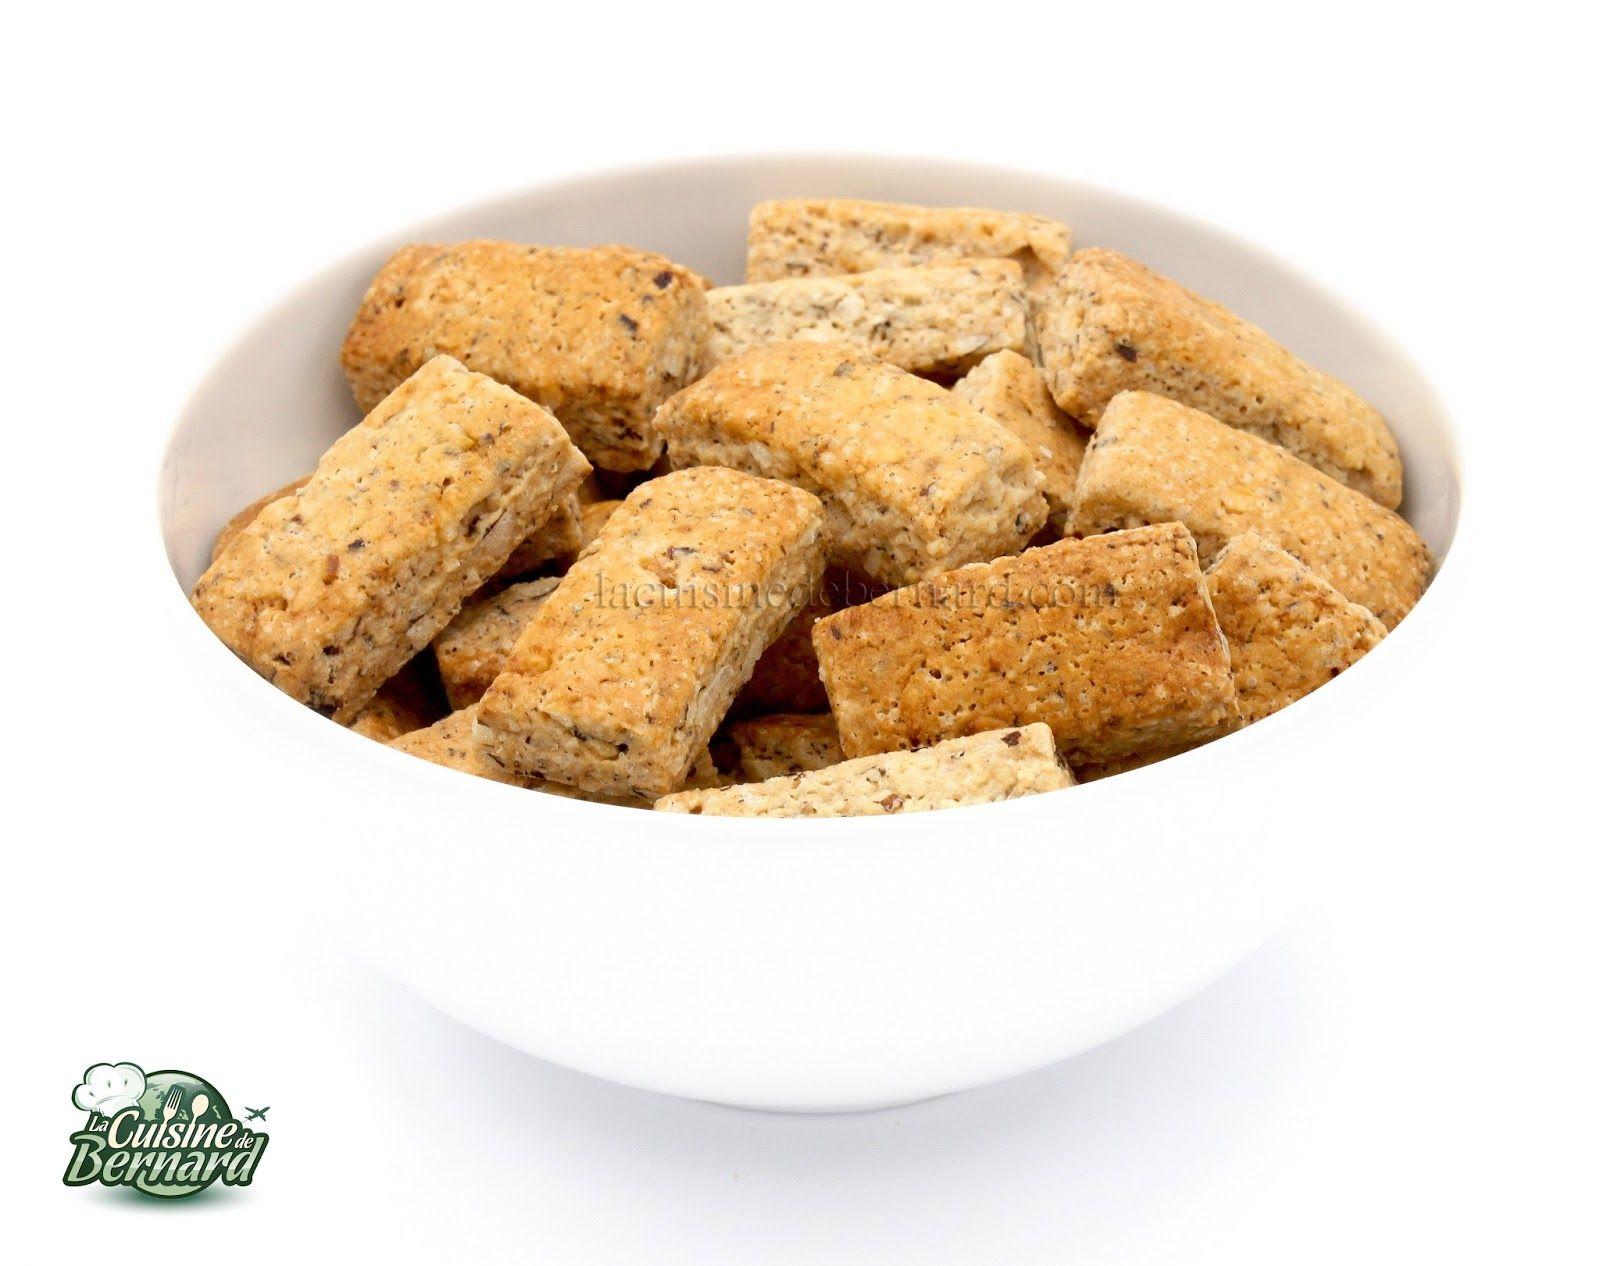 La Cuisine de Bernard  Biscuits aux noisettes  cookies  Biscuit noisette Biscuits Gateau sucre